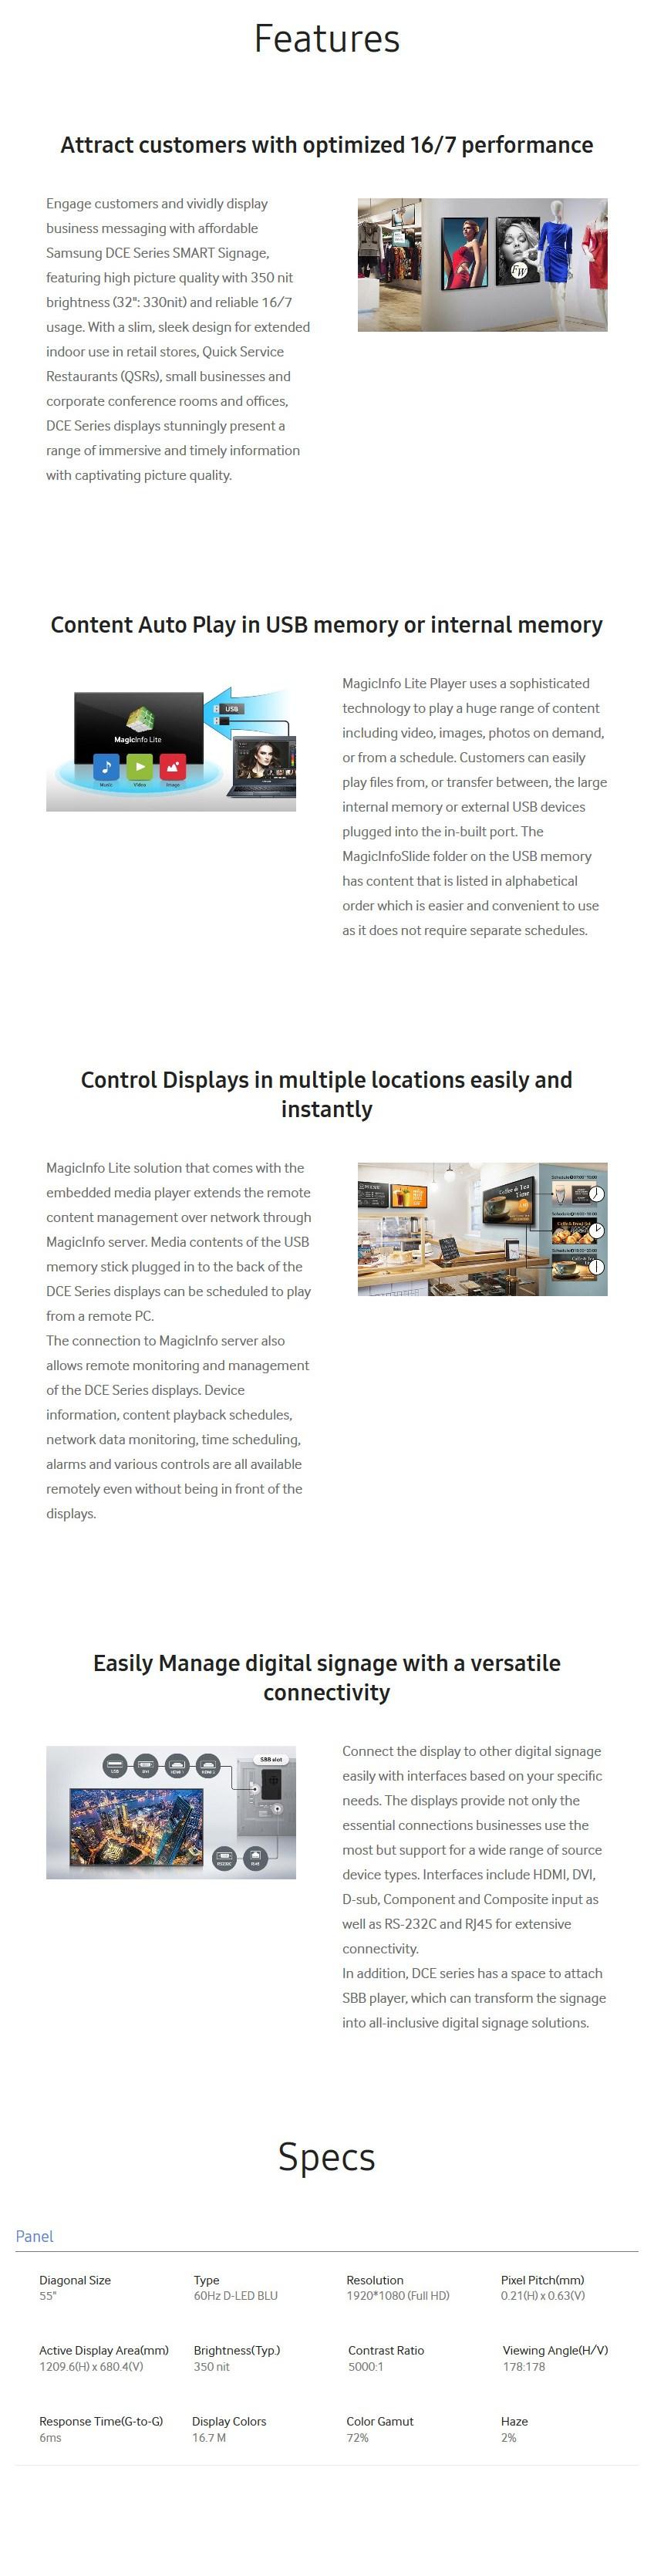 """Samsung DC55E 55"""" Full HD Direct LED Digital Signage - Desktop Overview 1"""